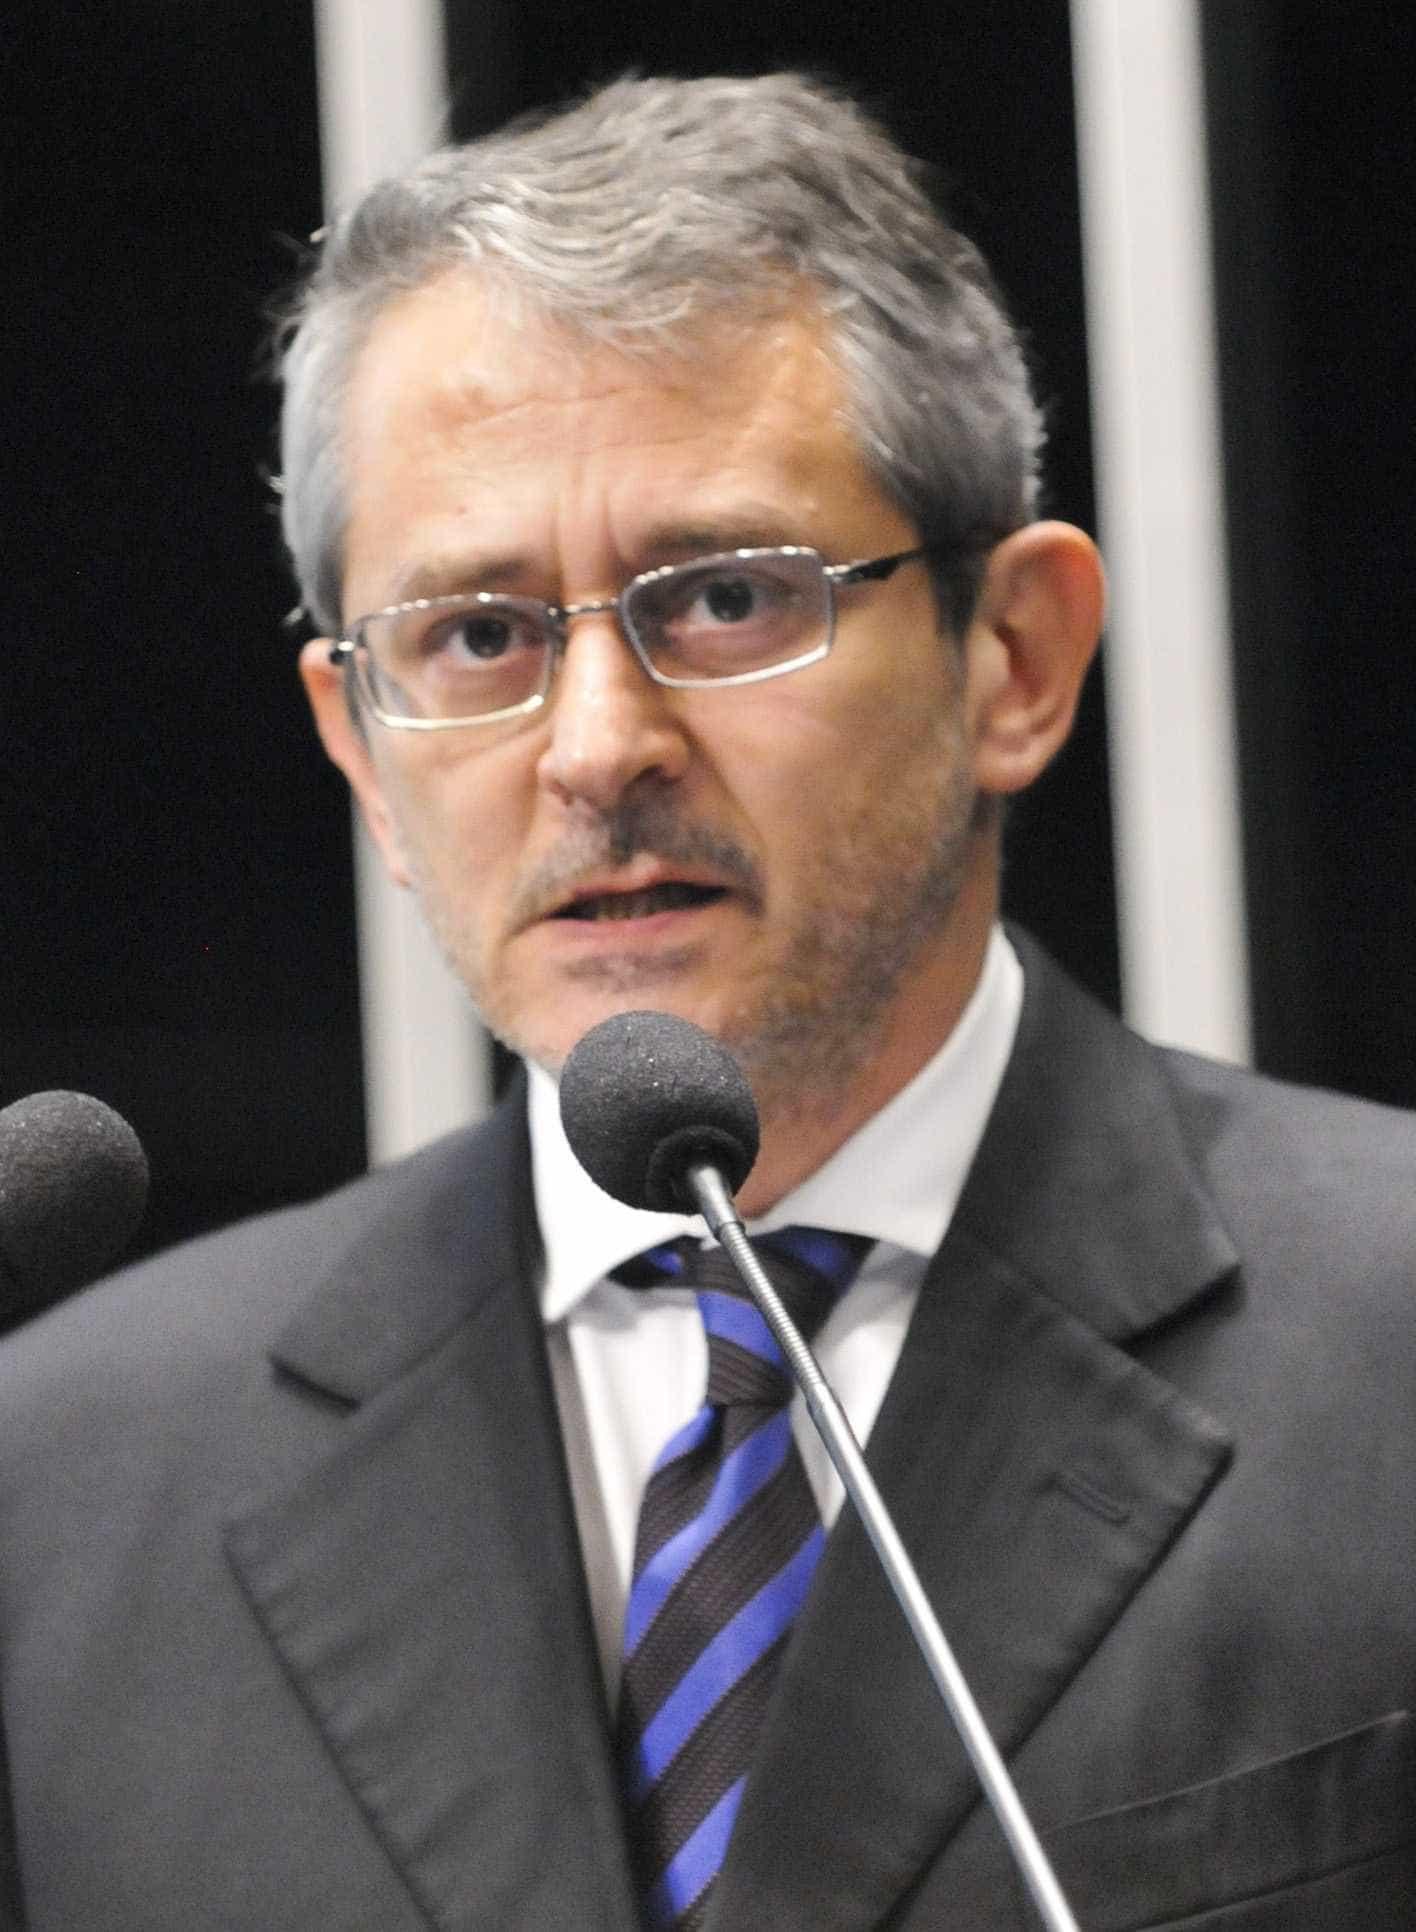 Morre aos 61 anos Otavio Frias Filho, diretor da Folha de S. Paulo